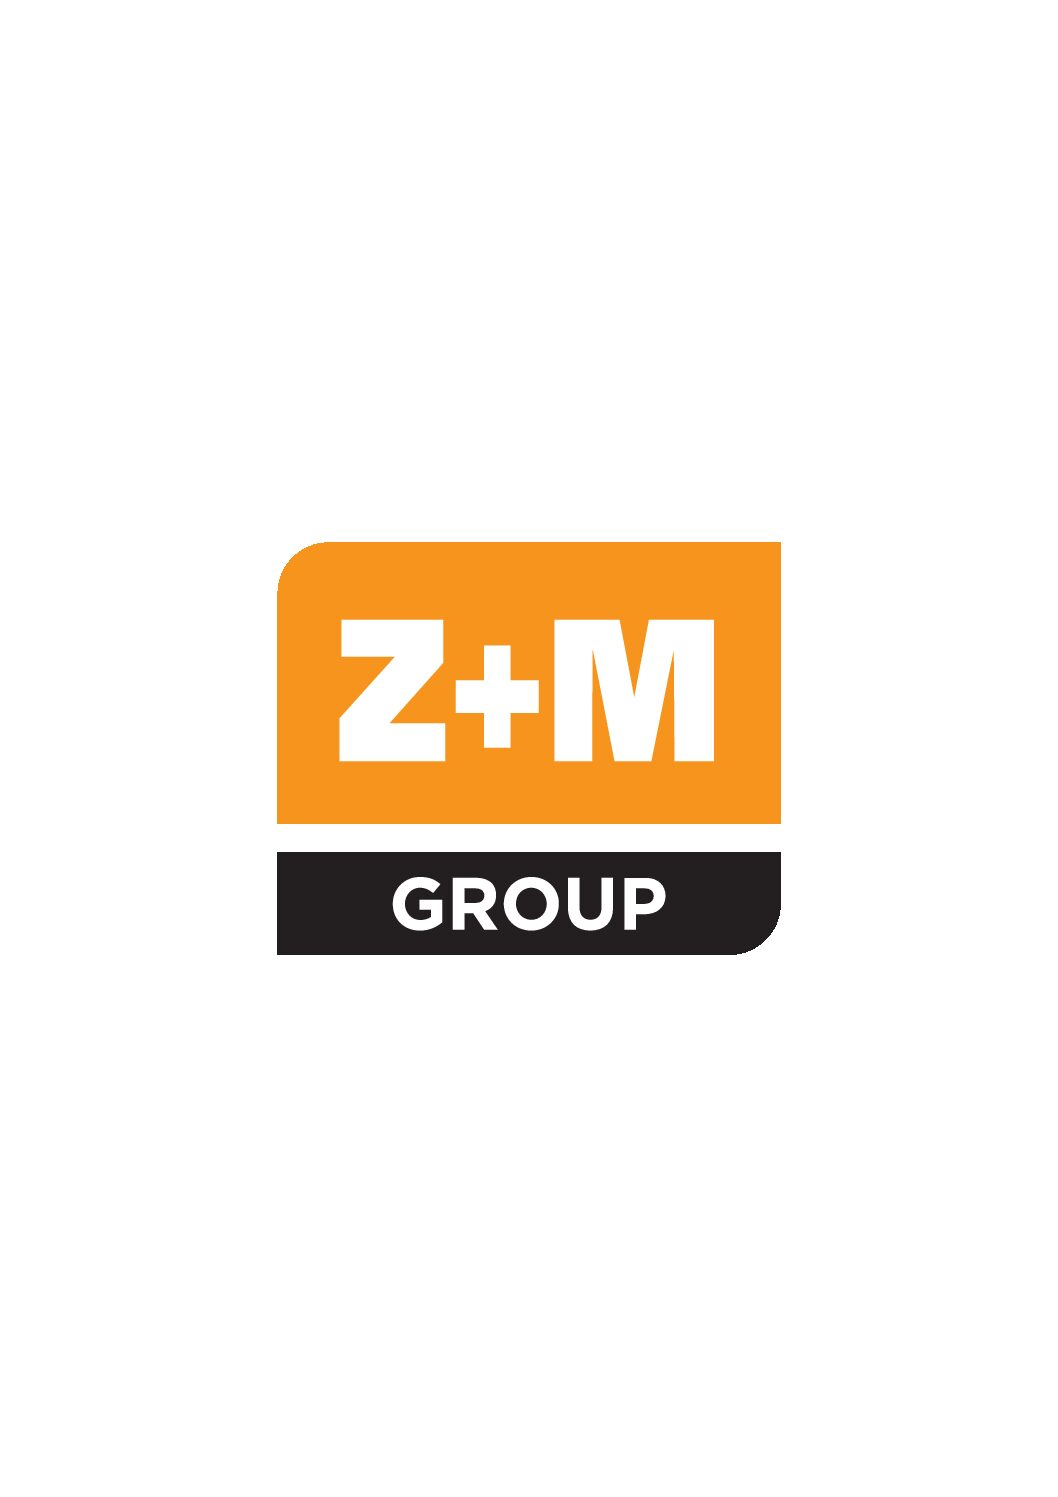 Z+M GROUP